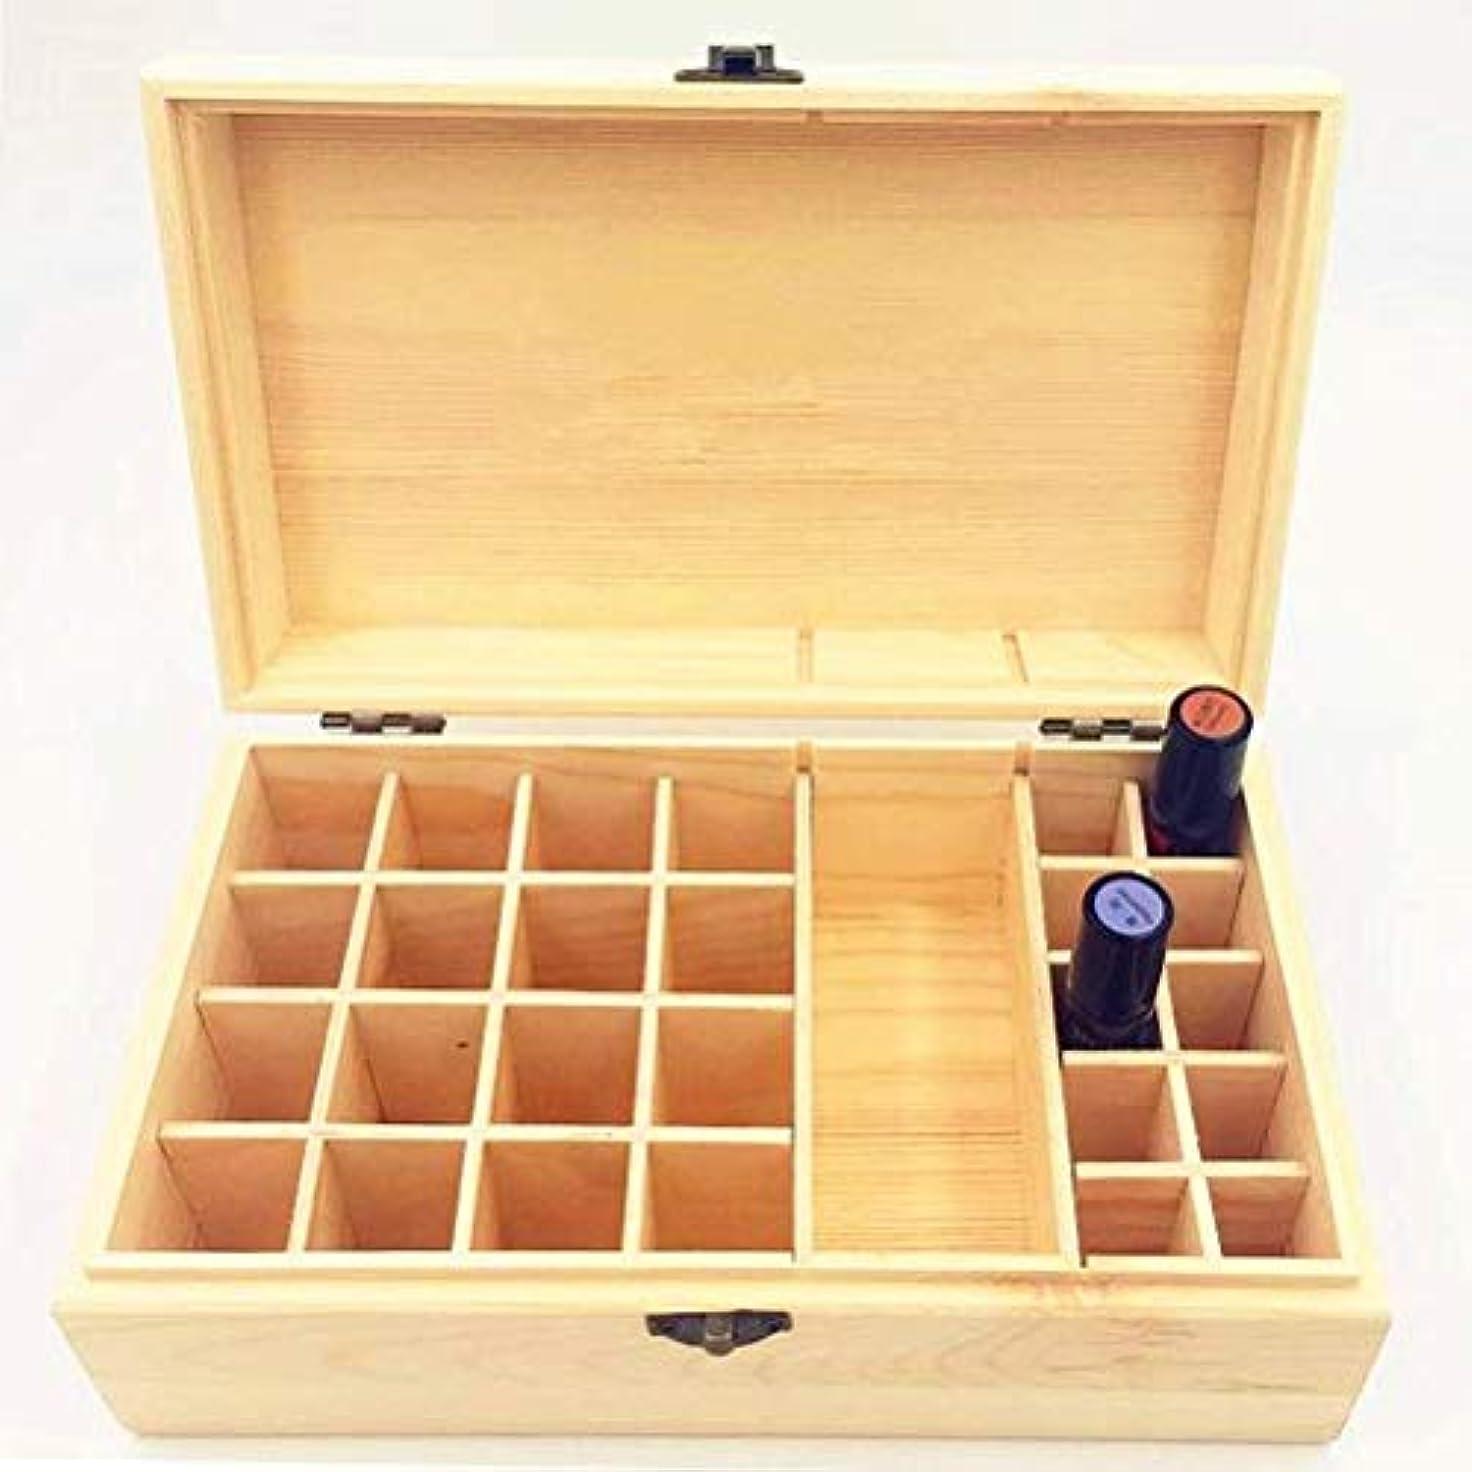 判決映画アクセルTINKSKY アロマケース エッセンシャルオイルケース 木製 精油ケース 精油収納 仕切りボックス 32本収納 仕切り板が取り出し可